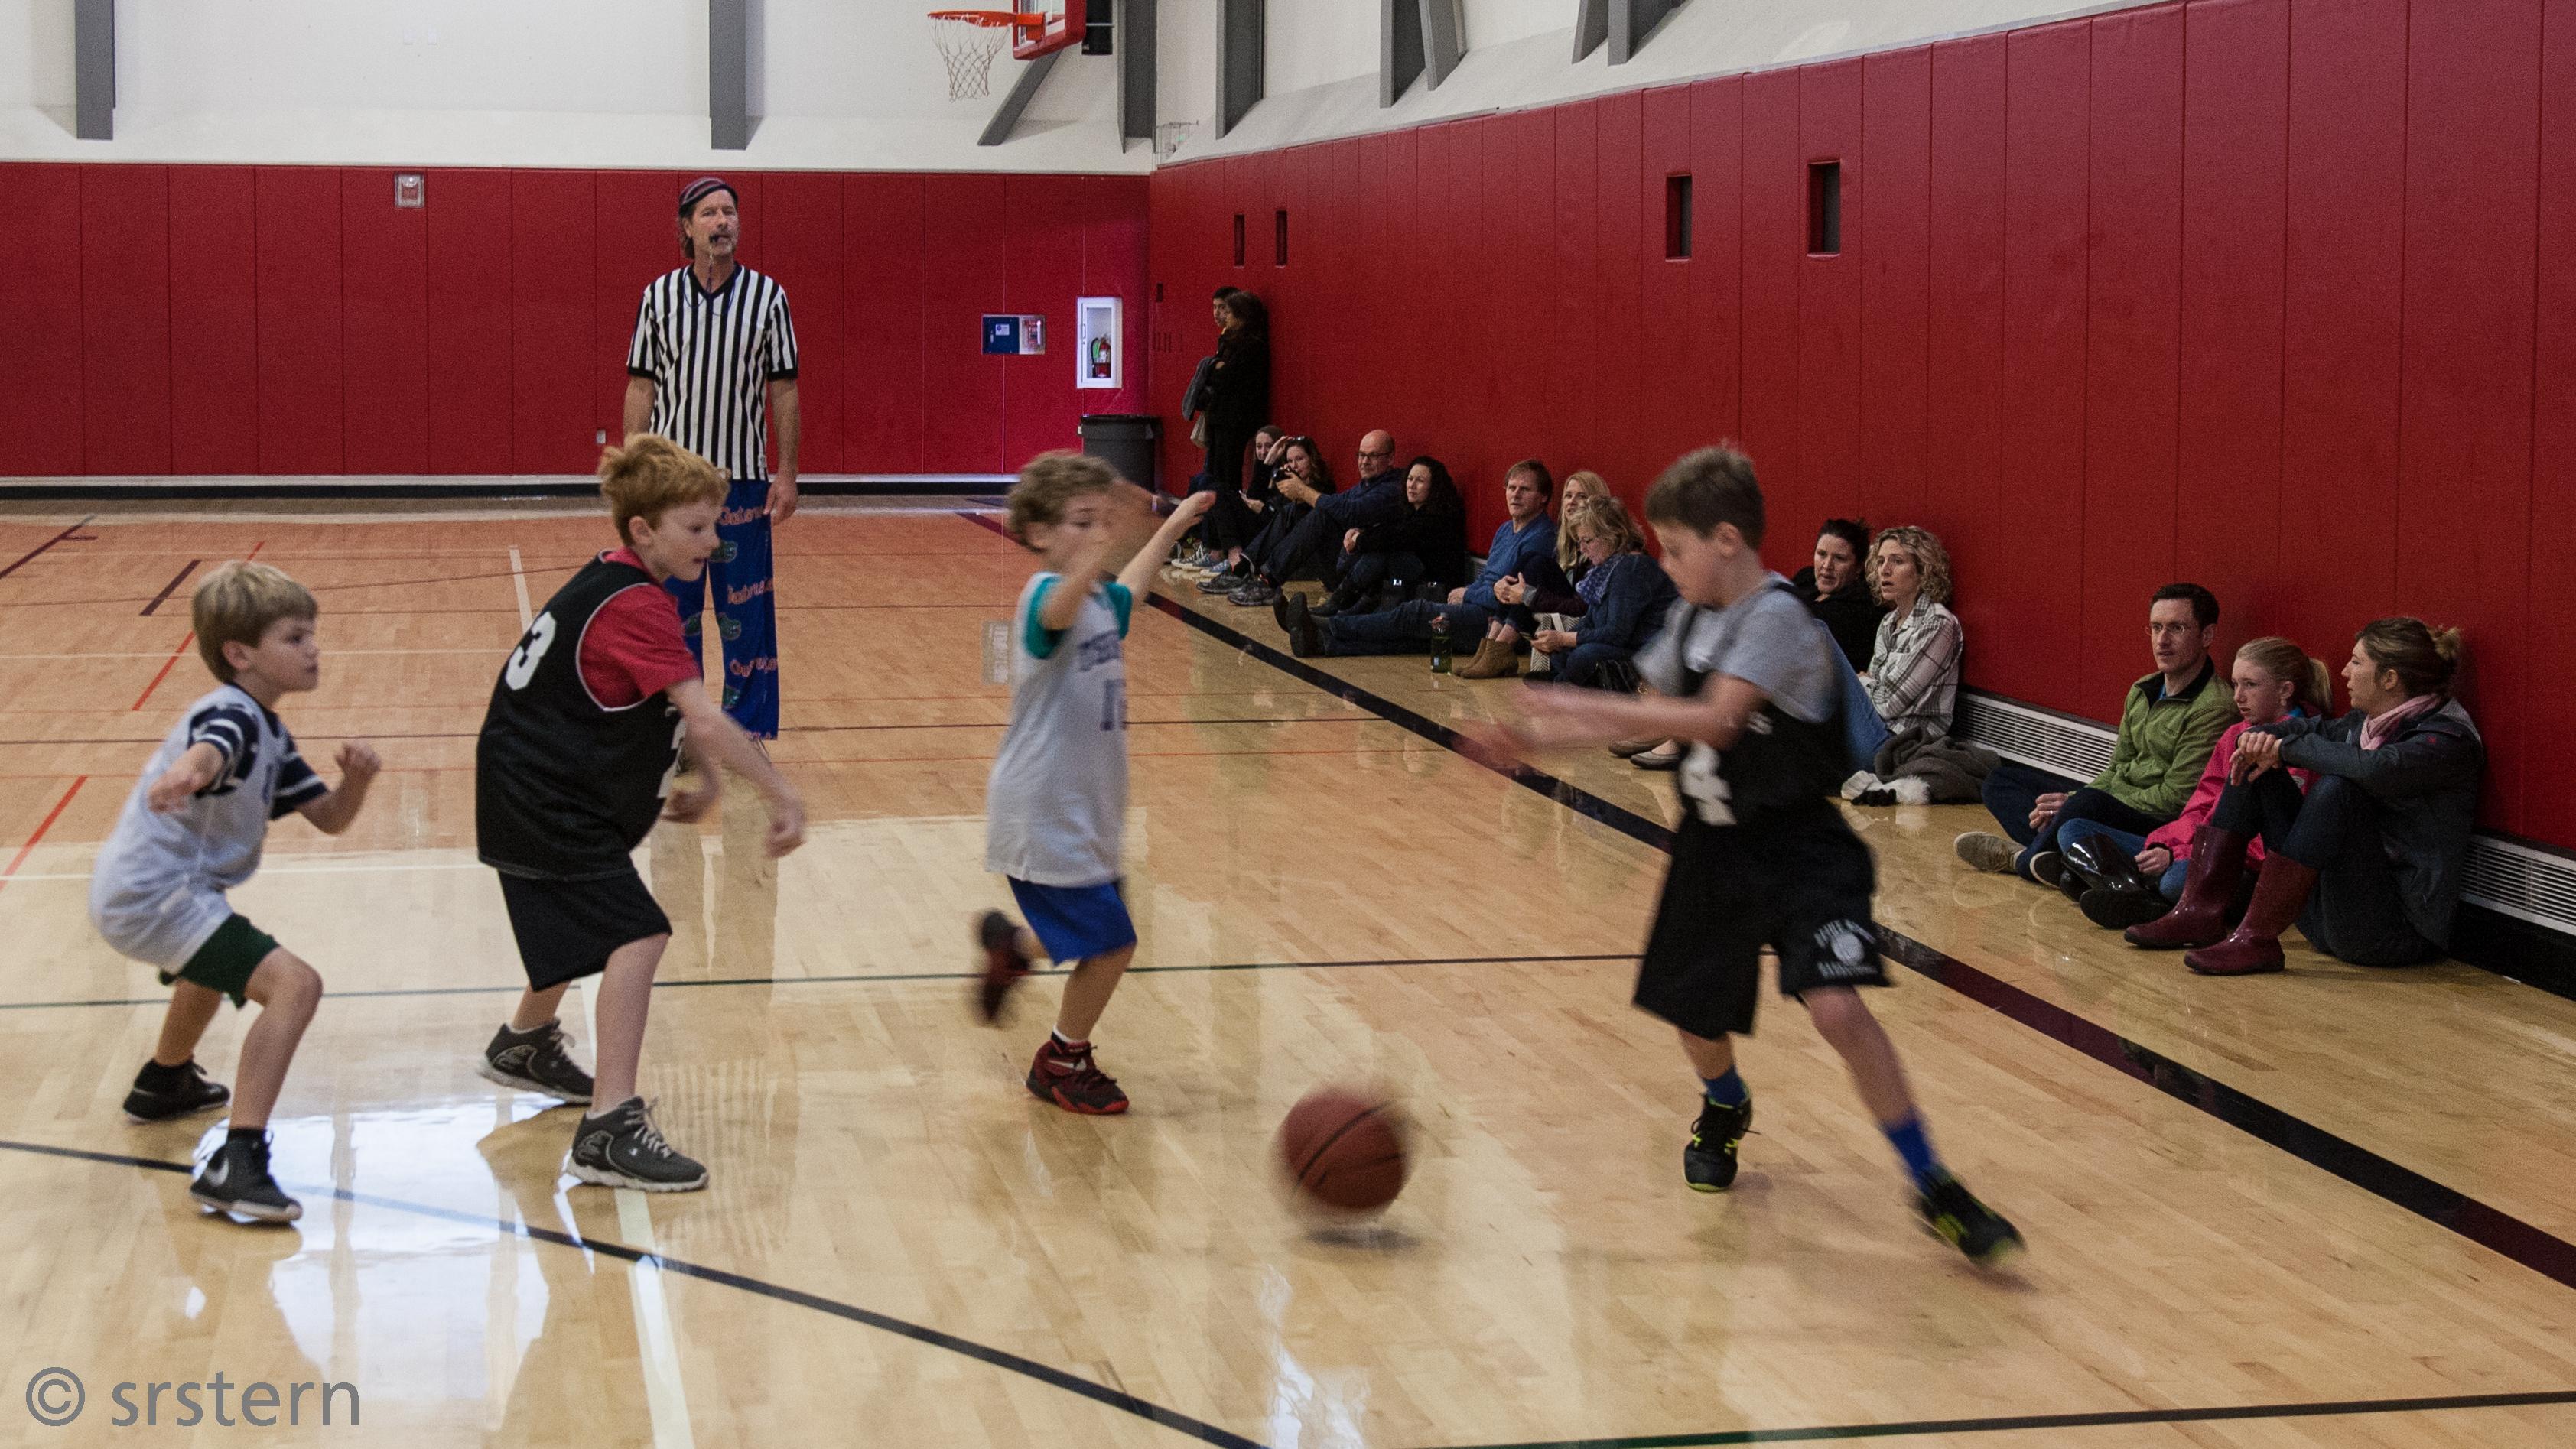 Basketball 1 (1 of 1)